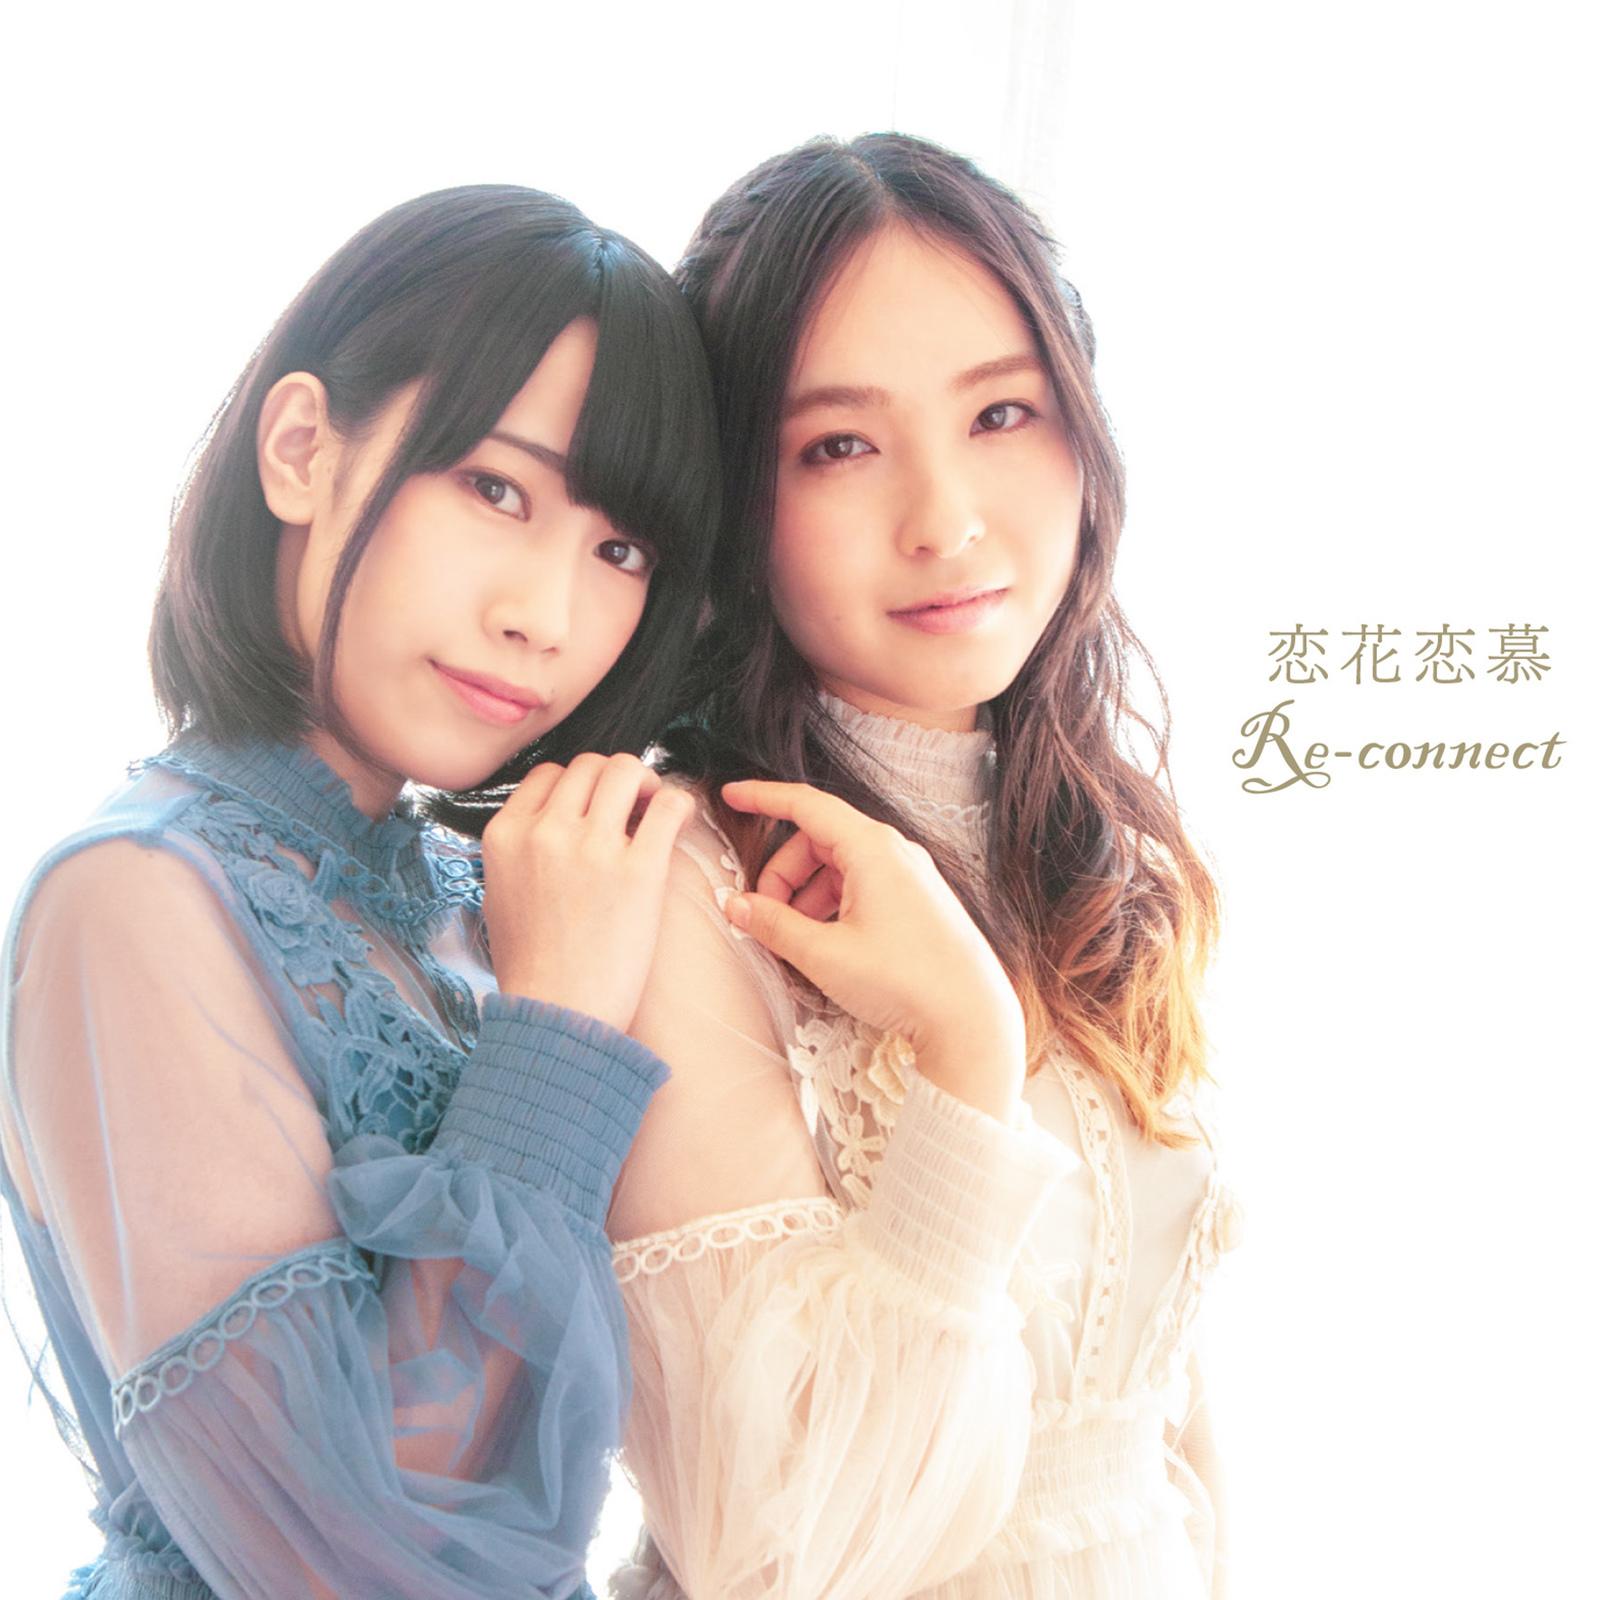 Re-connect – Koi Hana Renbo